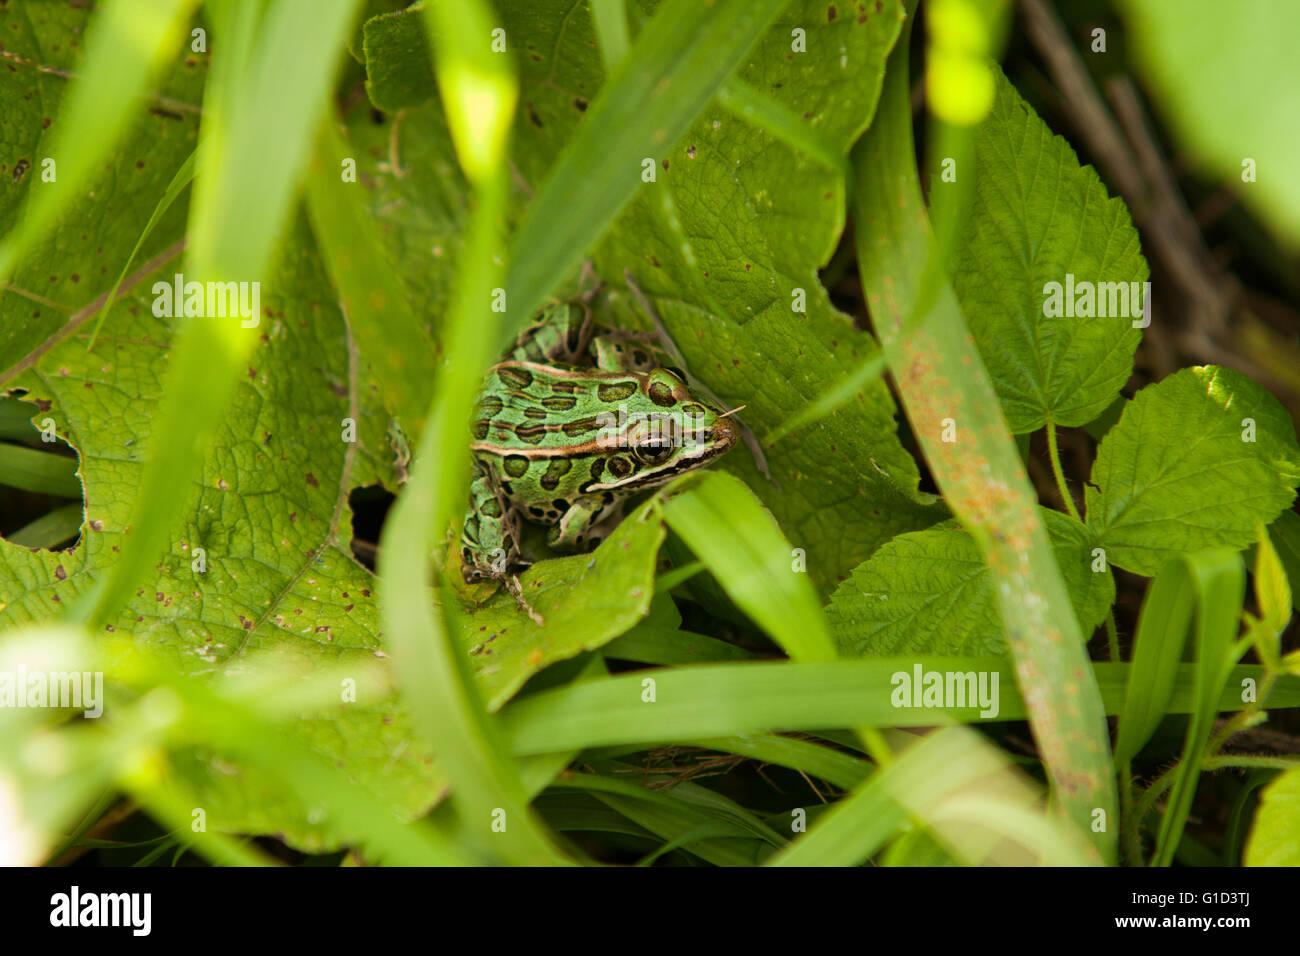 Grenouille léopard en végétation. Photo Stock